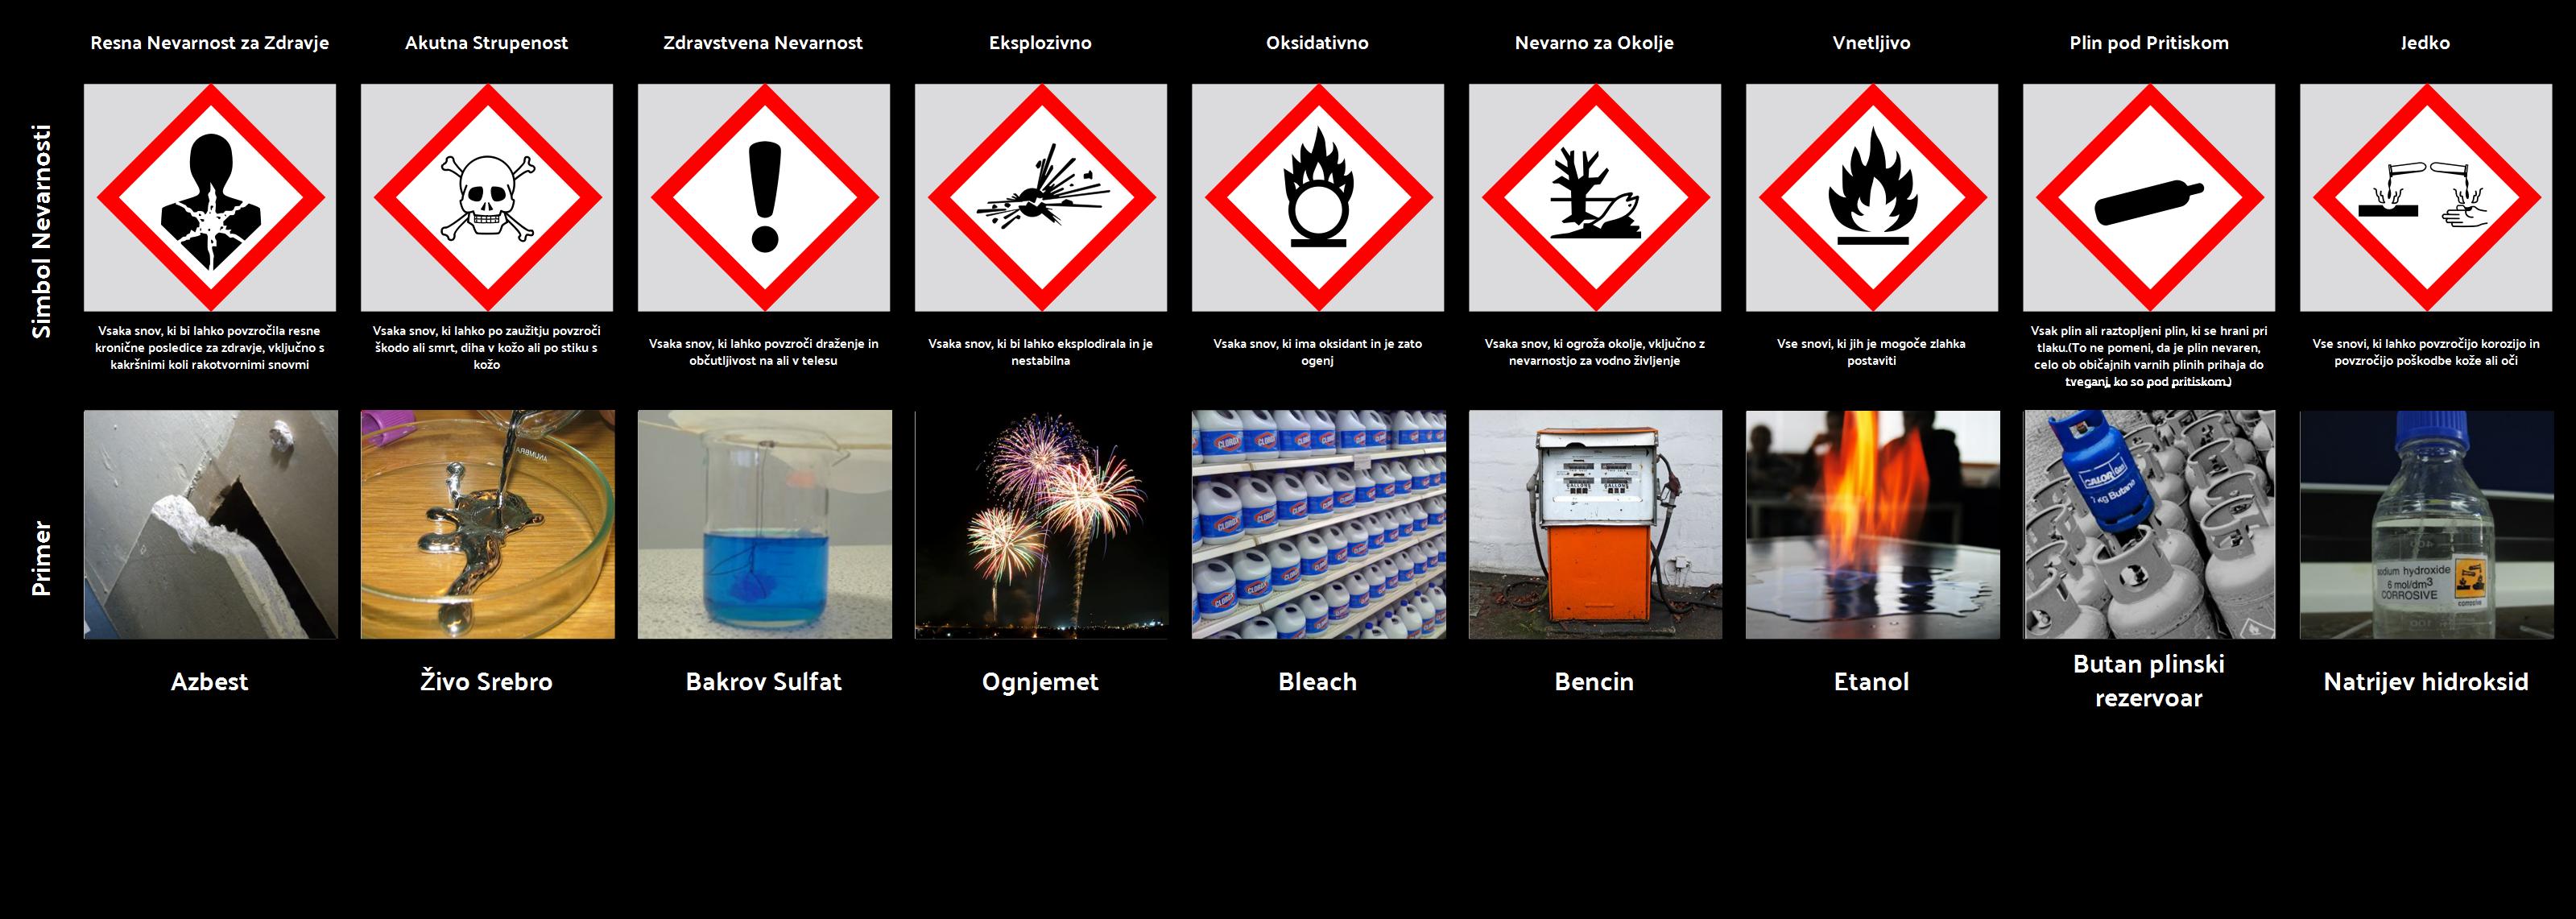 Grafikon Nevarnosti